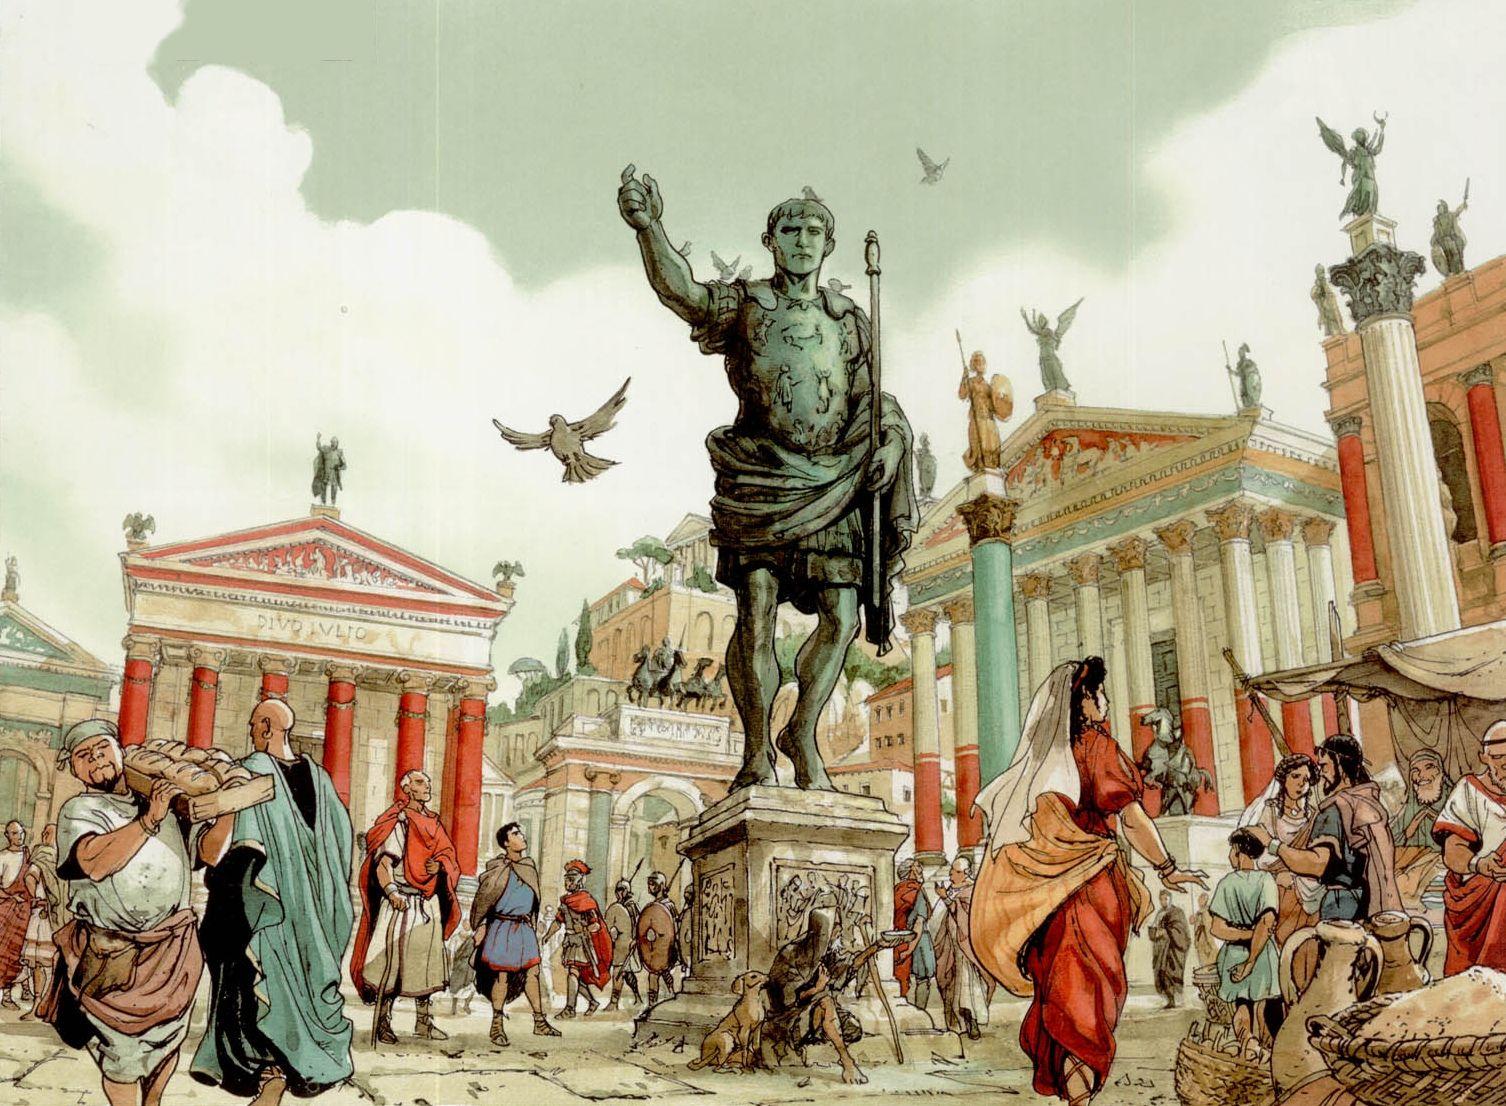 картинки римской эпохи обжаривается луком